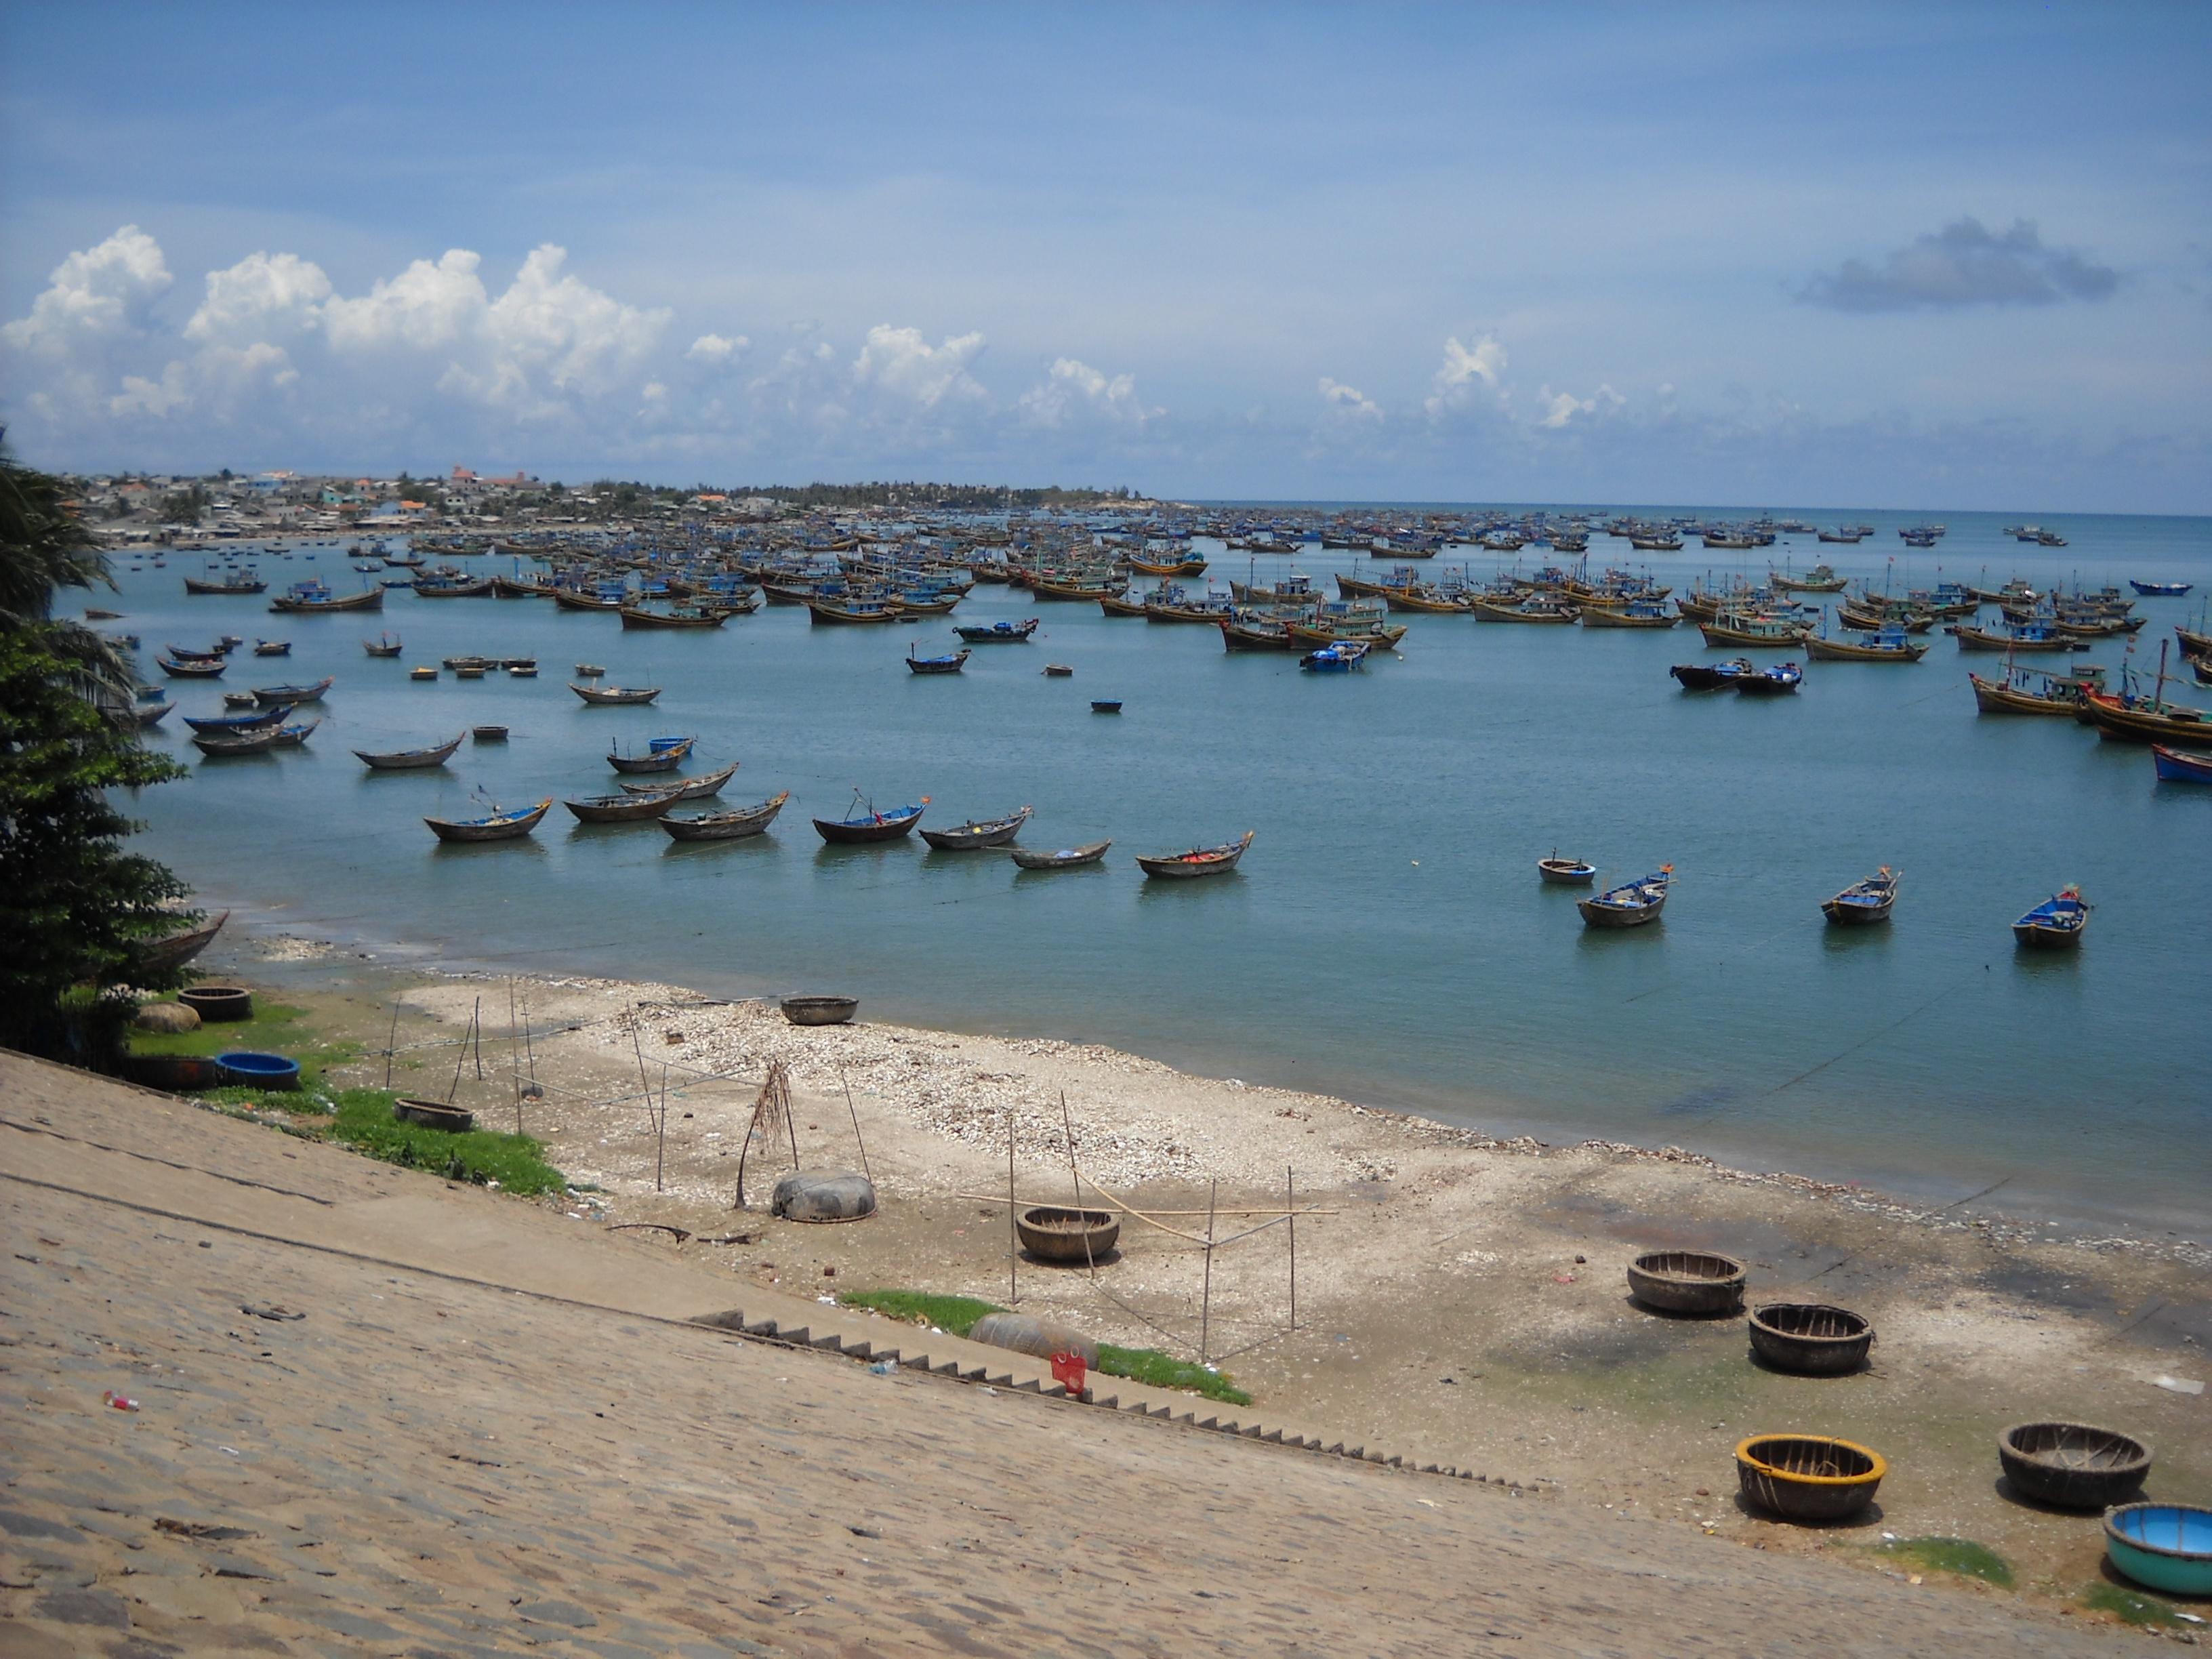 Bán nhớt Repsol chính hãng tại Bình Thuận